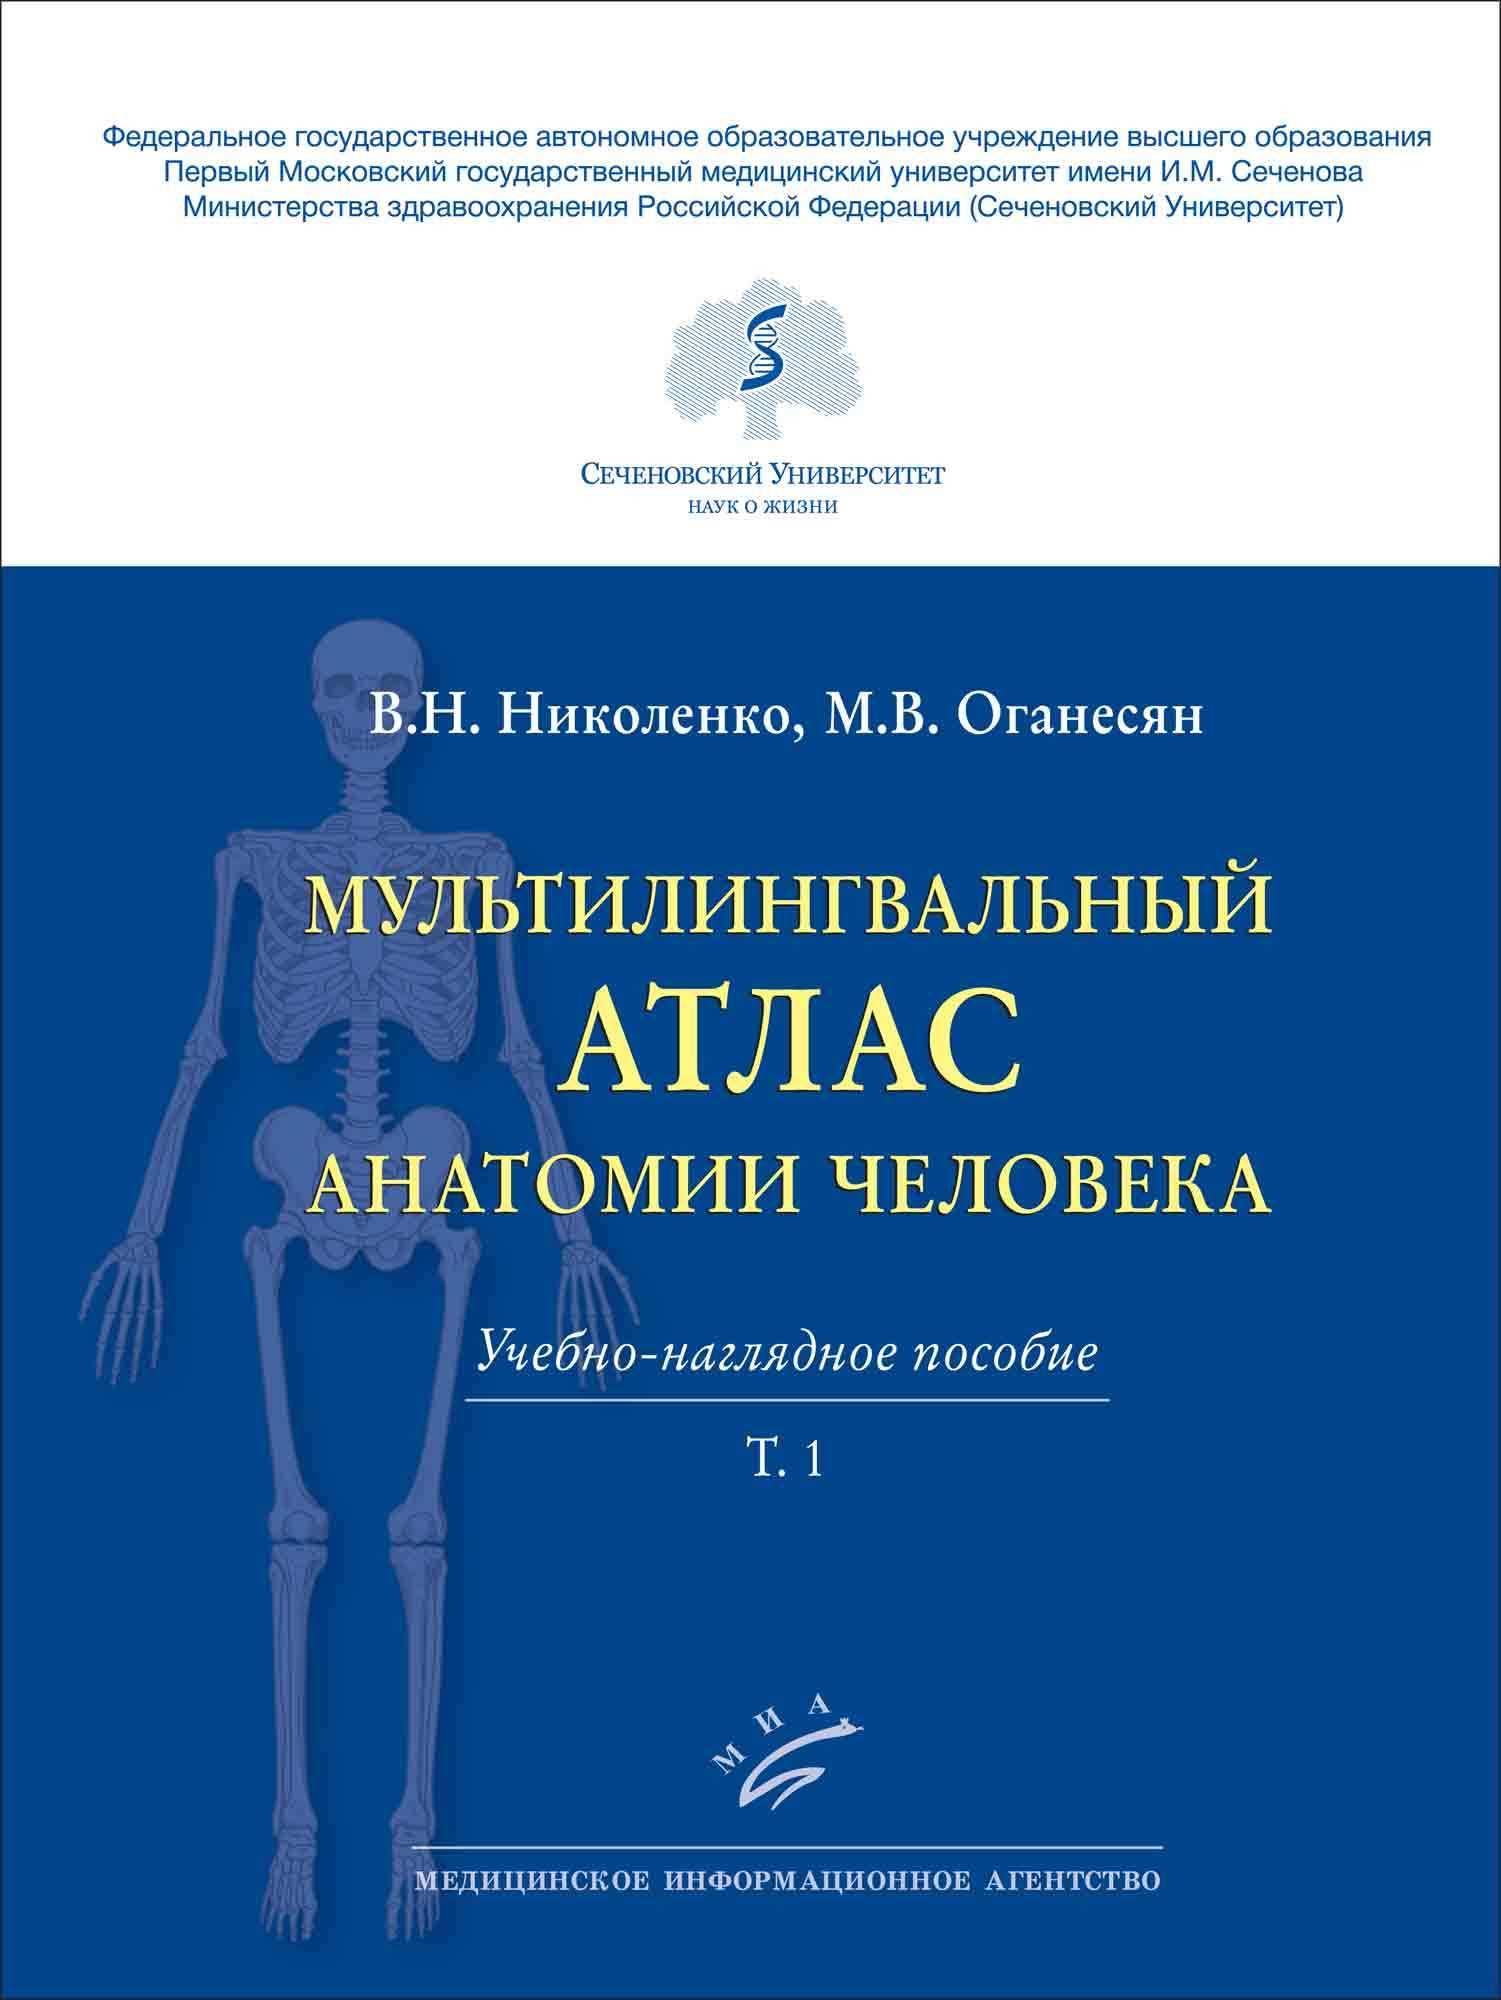 Общее Мультилингвальный атлас анатомии человека. Том 1 multiling_atlas_anat.jpg